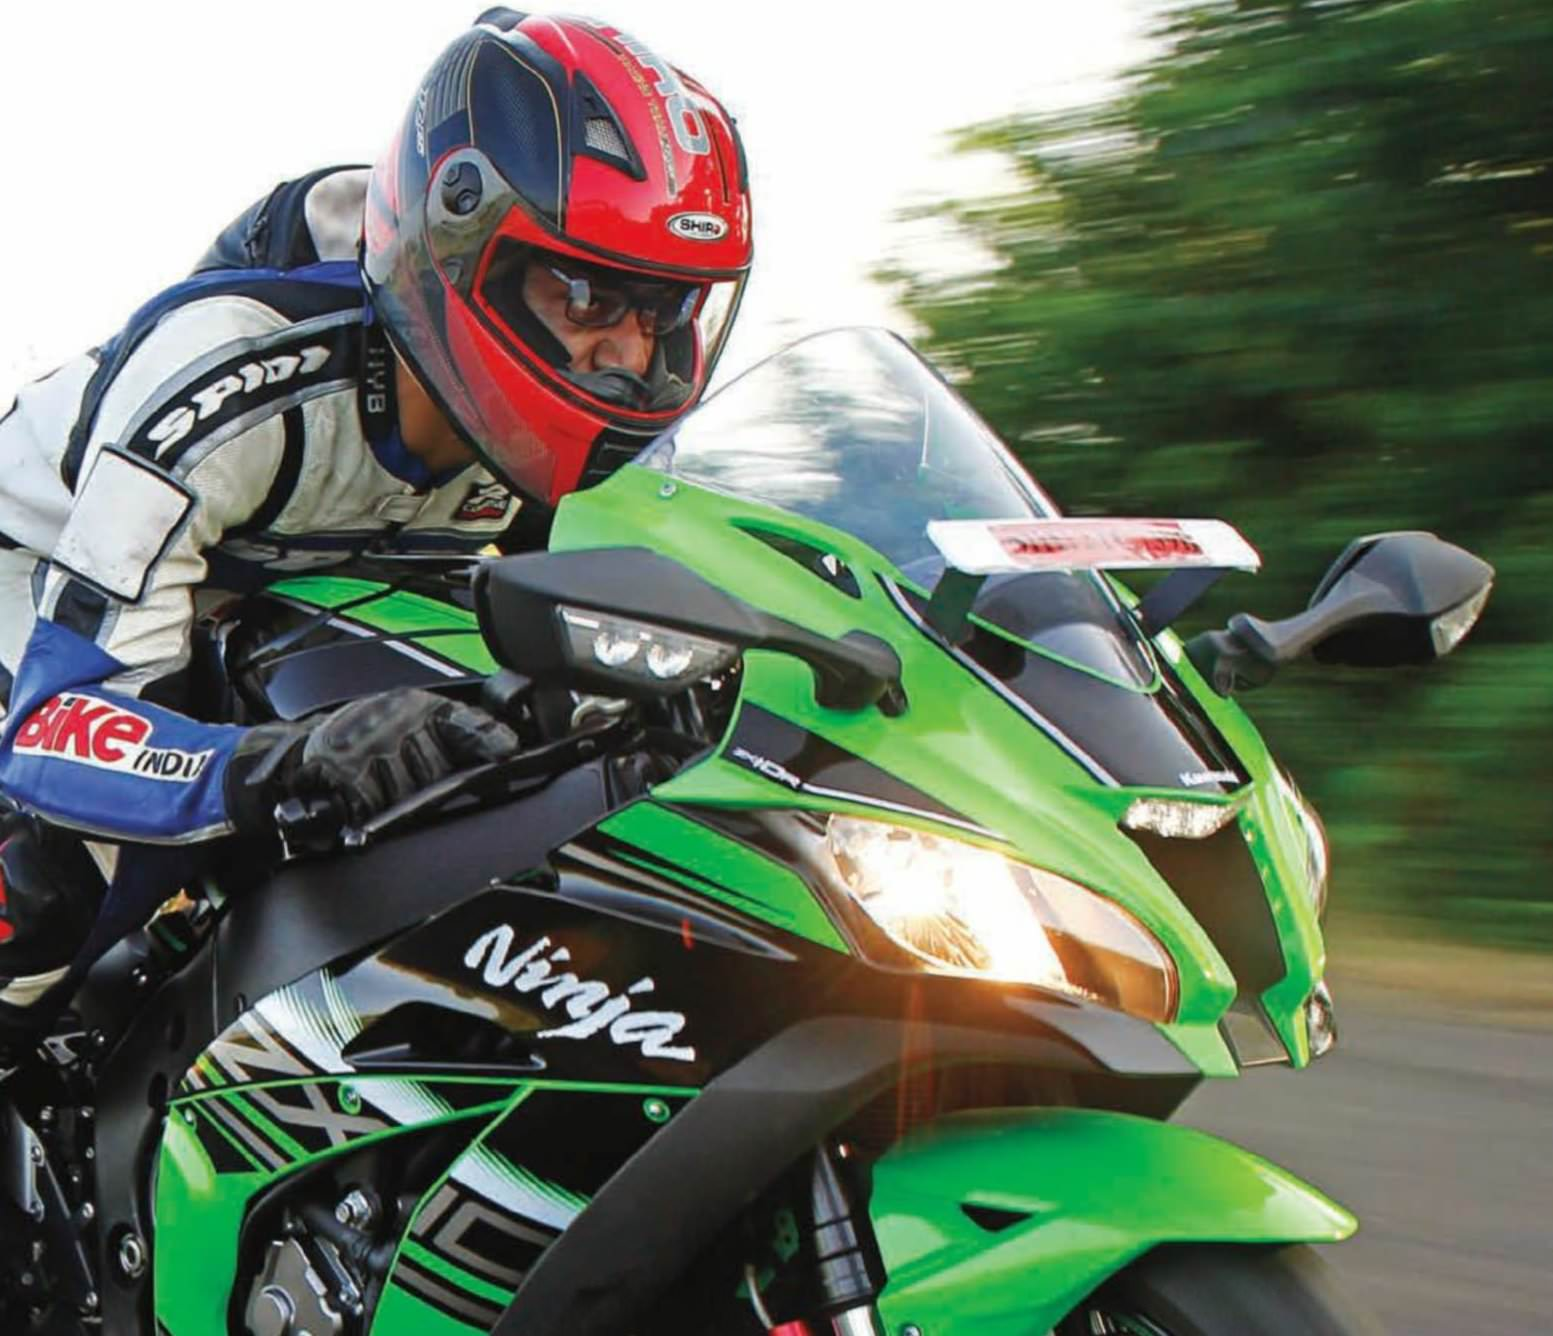 Motorcycle Kawasaki Ninja Zx 10R Speed Track Hd Wallpaper